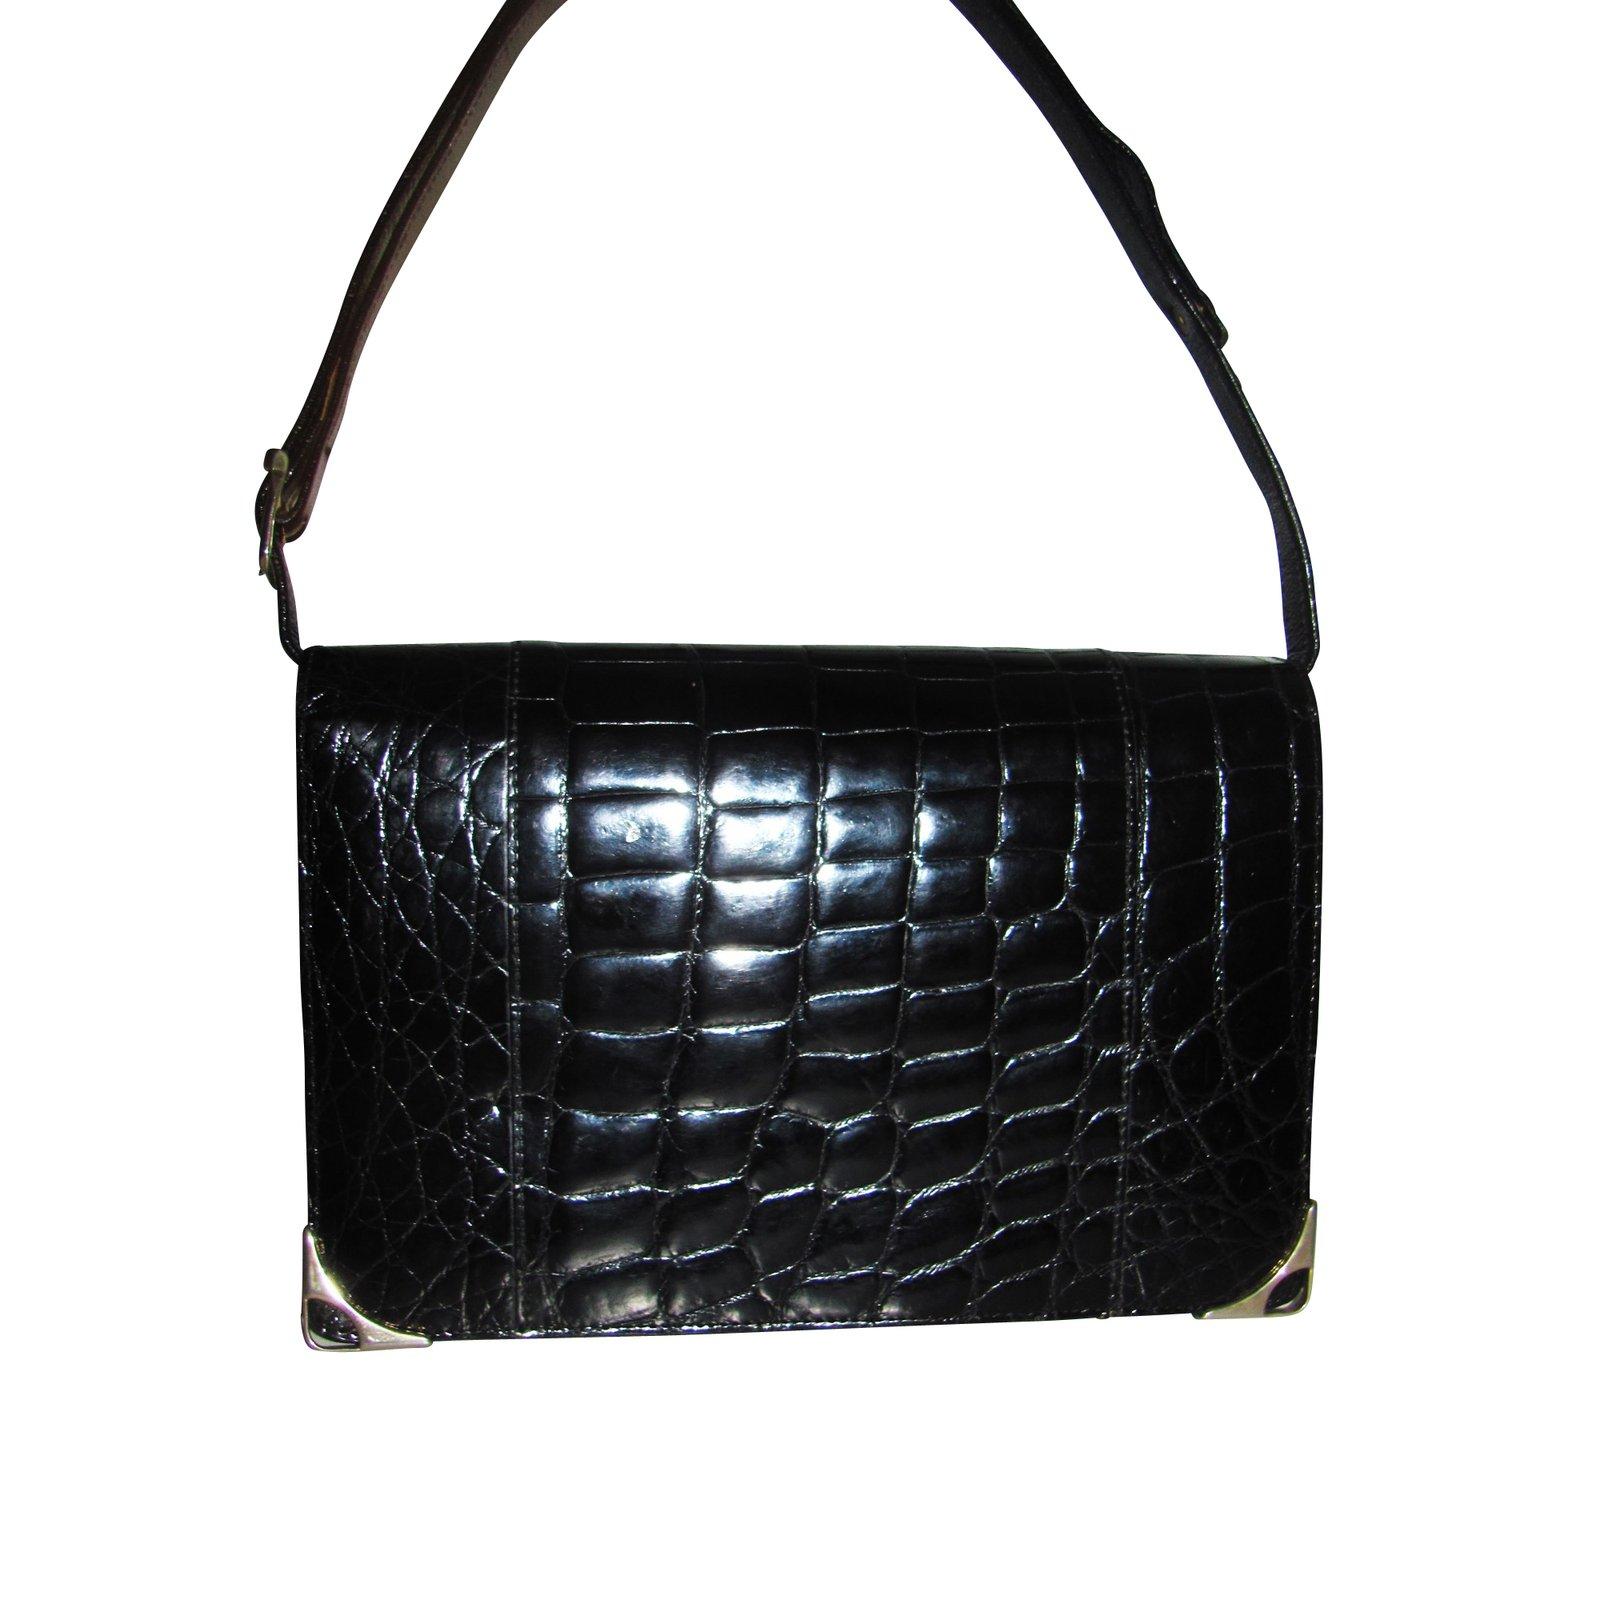 sacs main autre marque sacs main berma cuirs exotiques noir joli closet. Black Bedroom Furniture Sets. Home Design Ideas